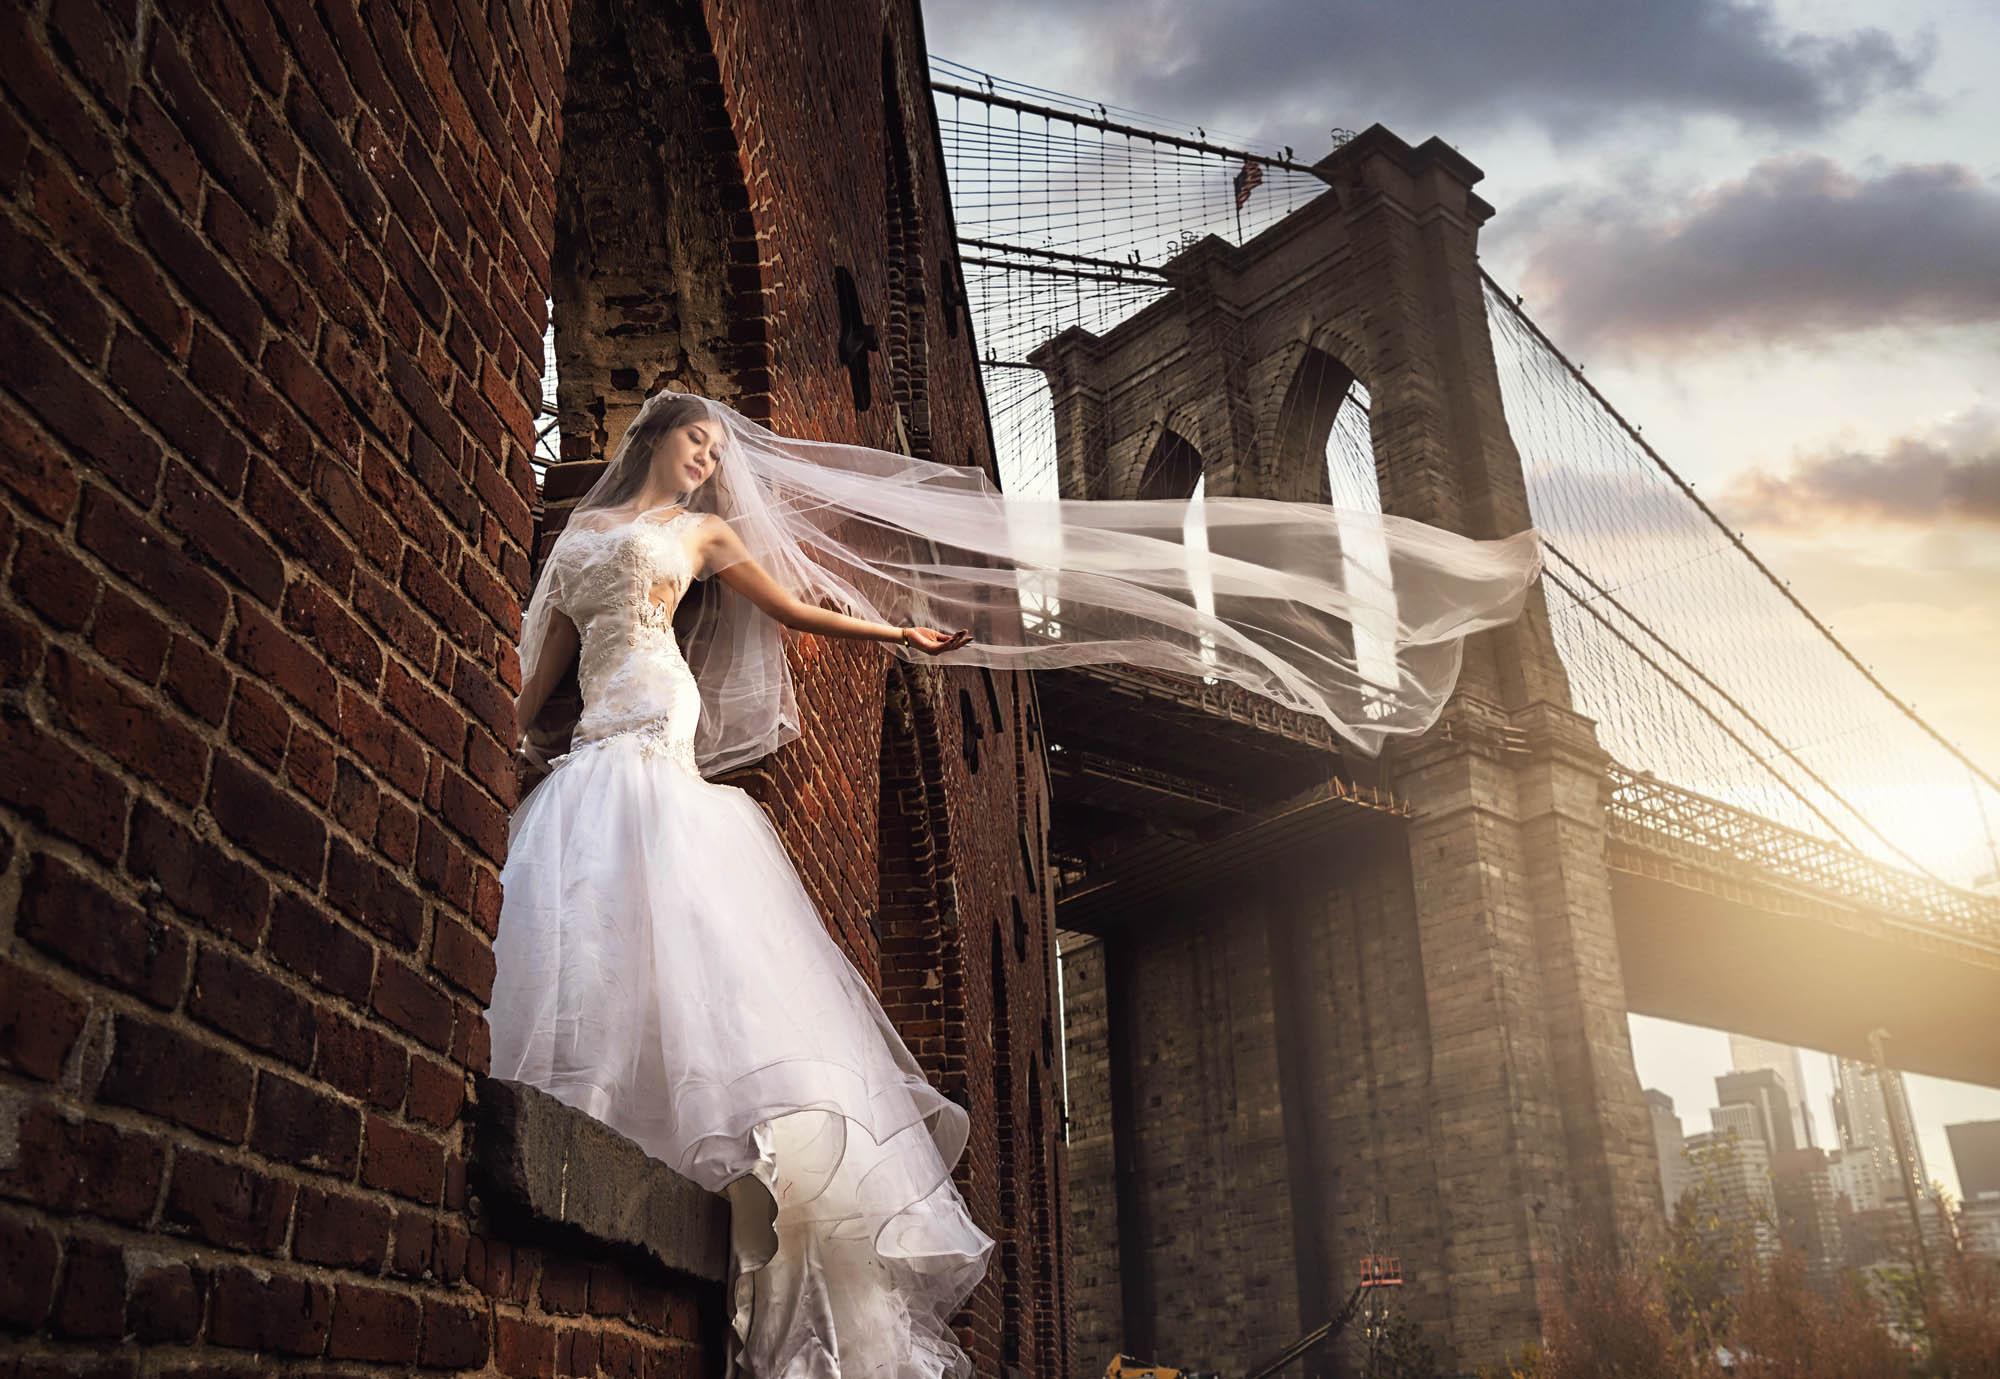 Bride with flowing veil near Brooklyn Bridge by CM Leung